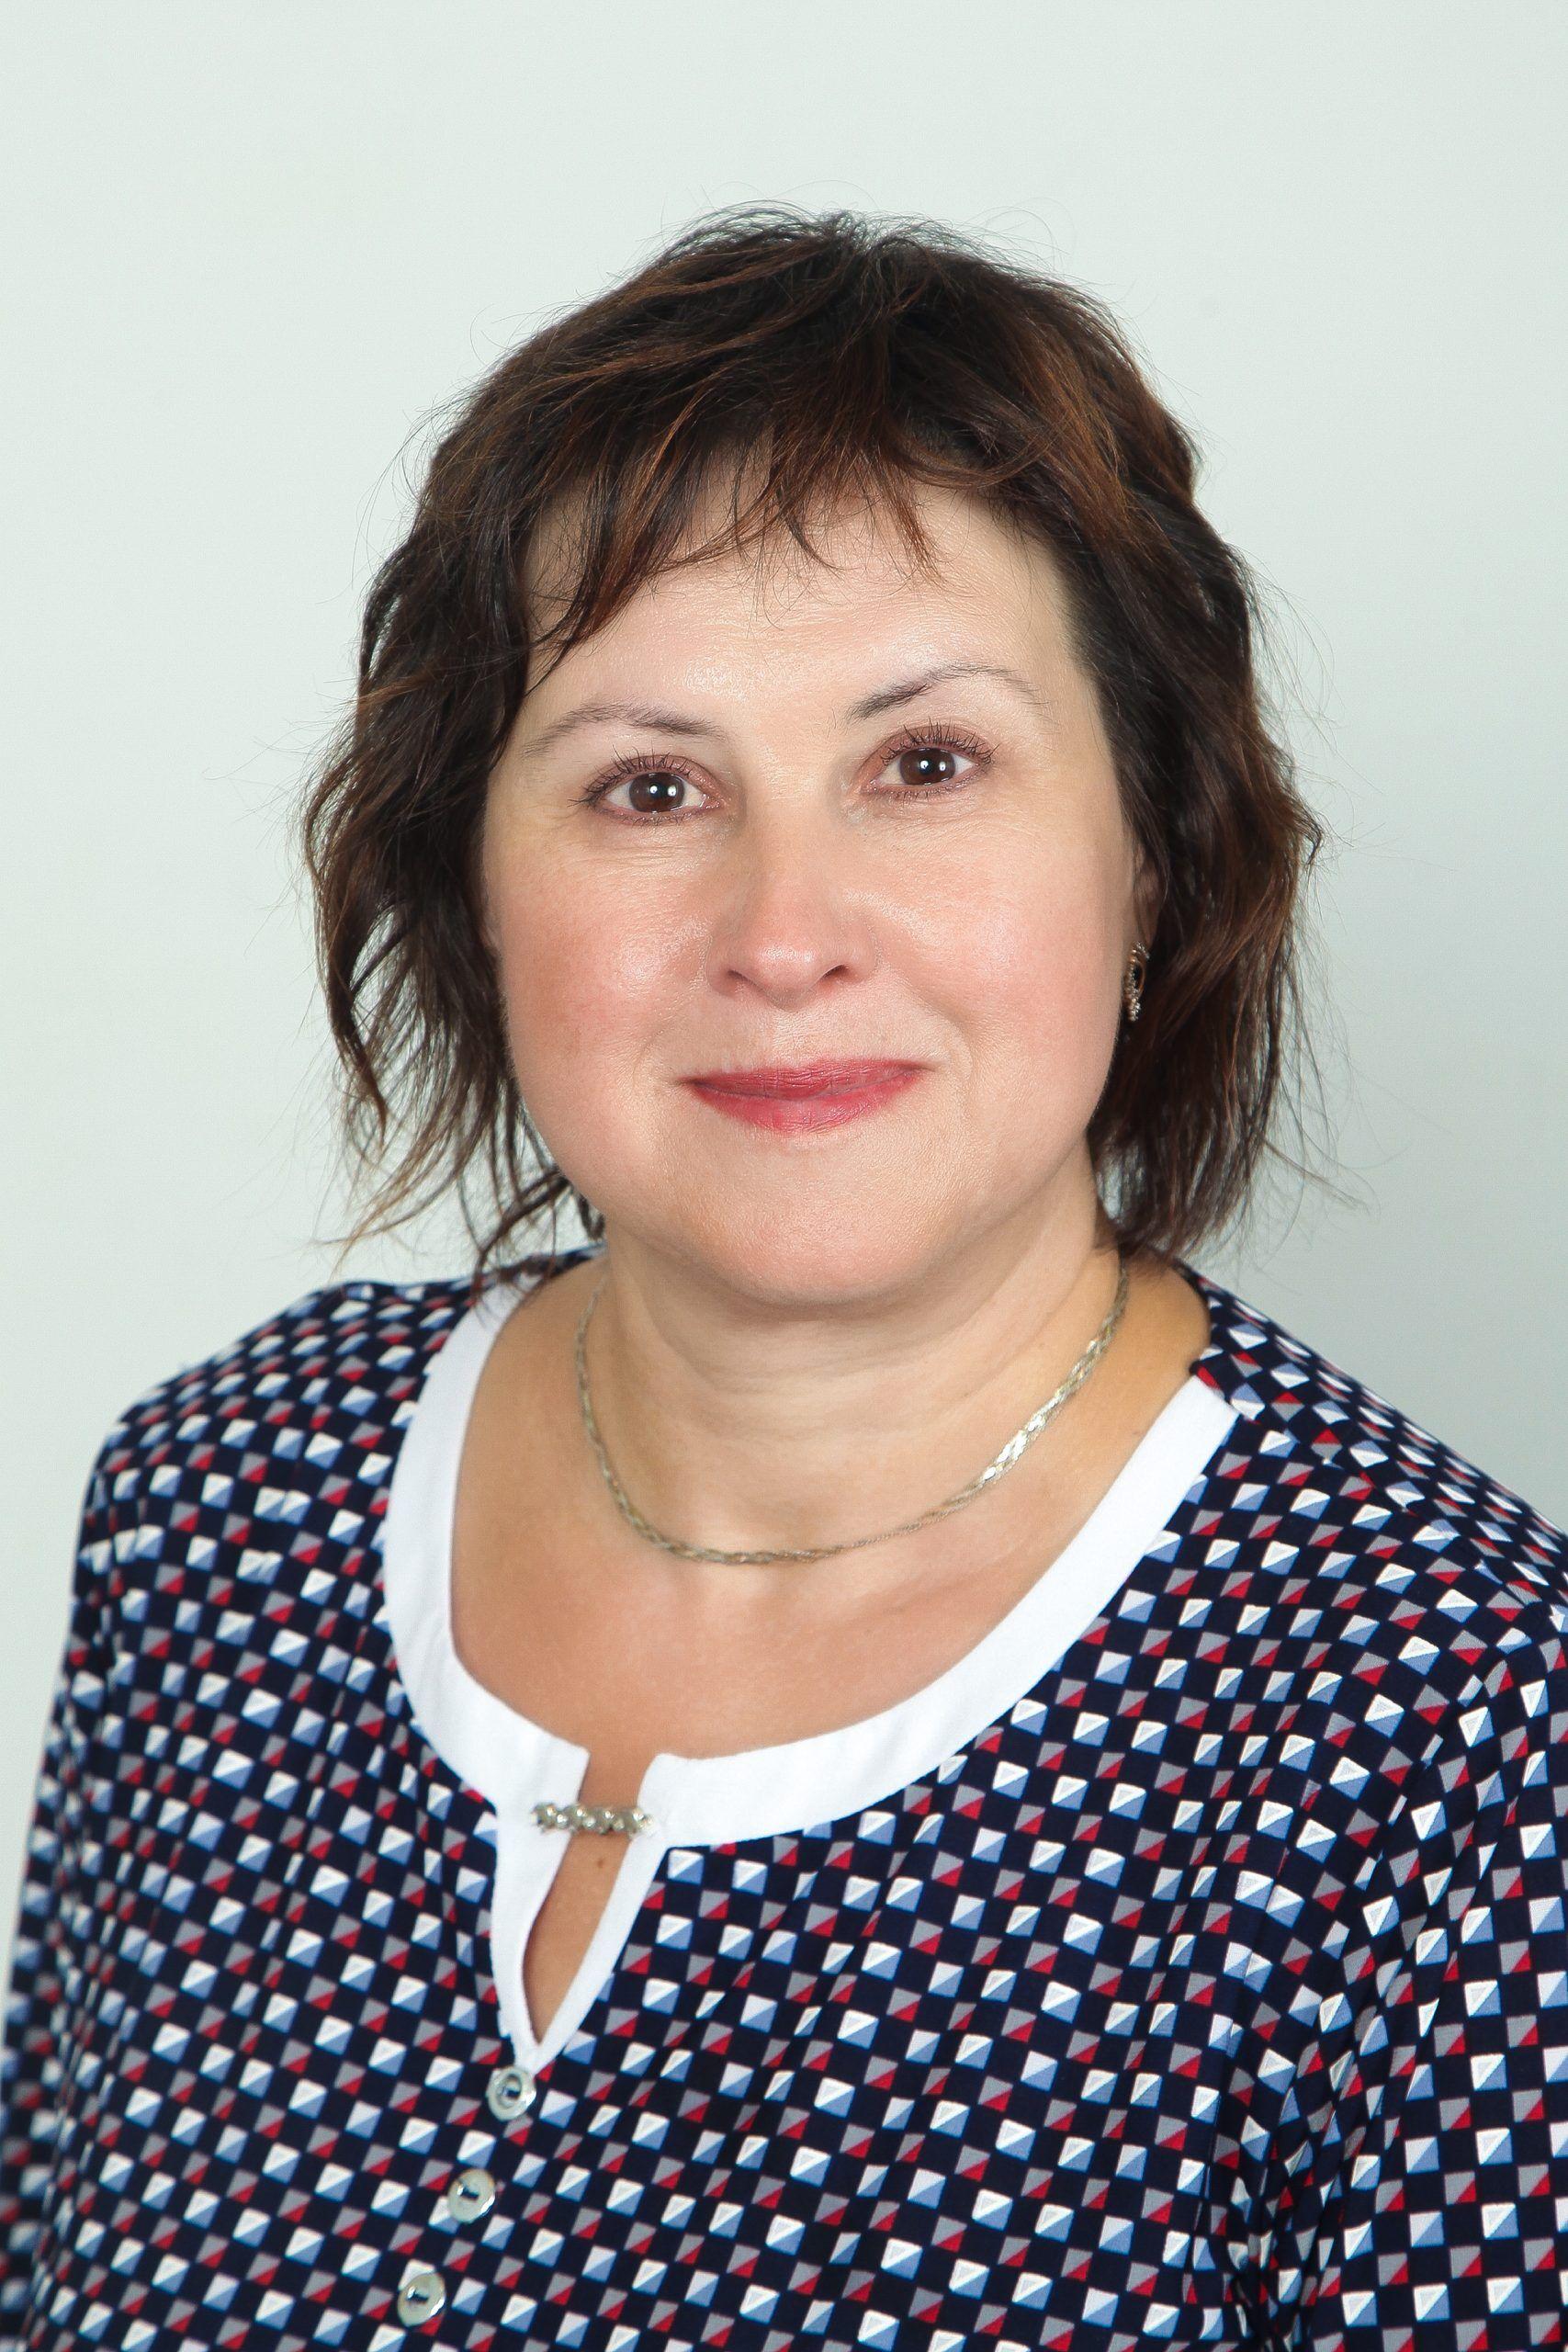 Galina Lychkina